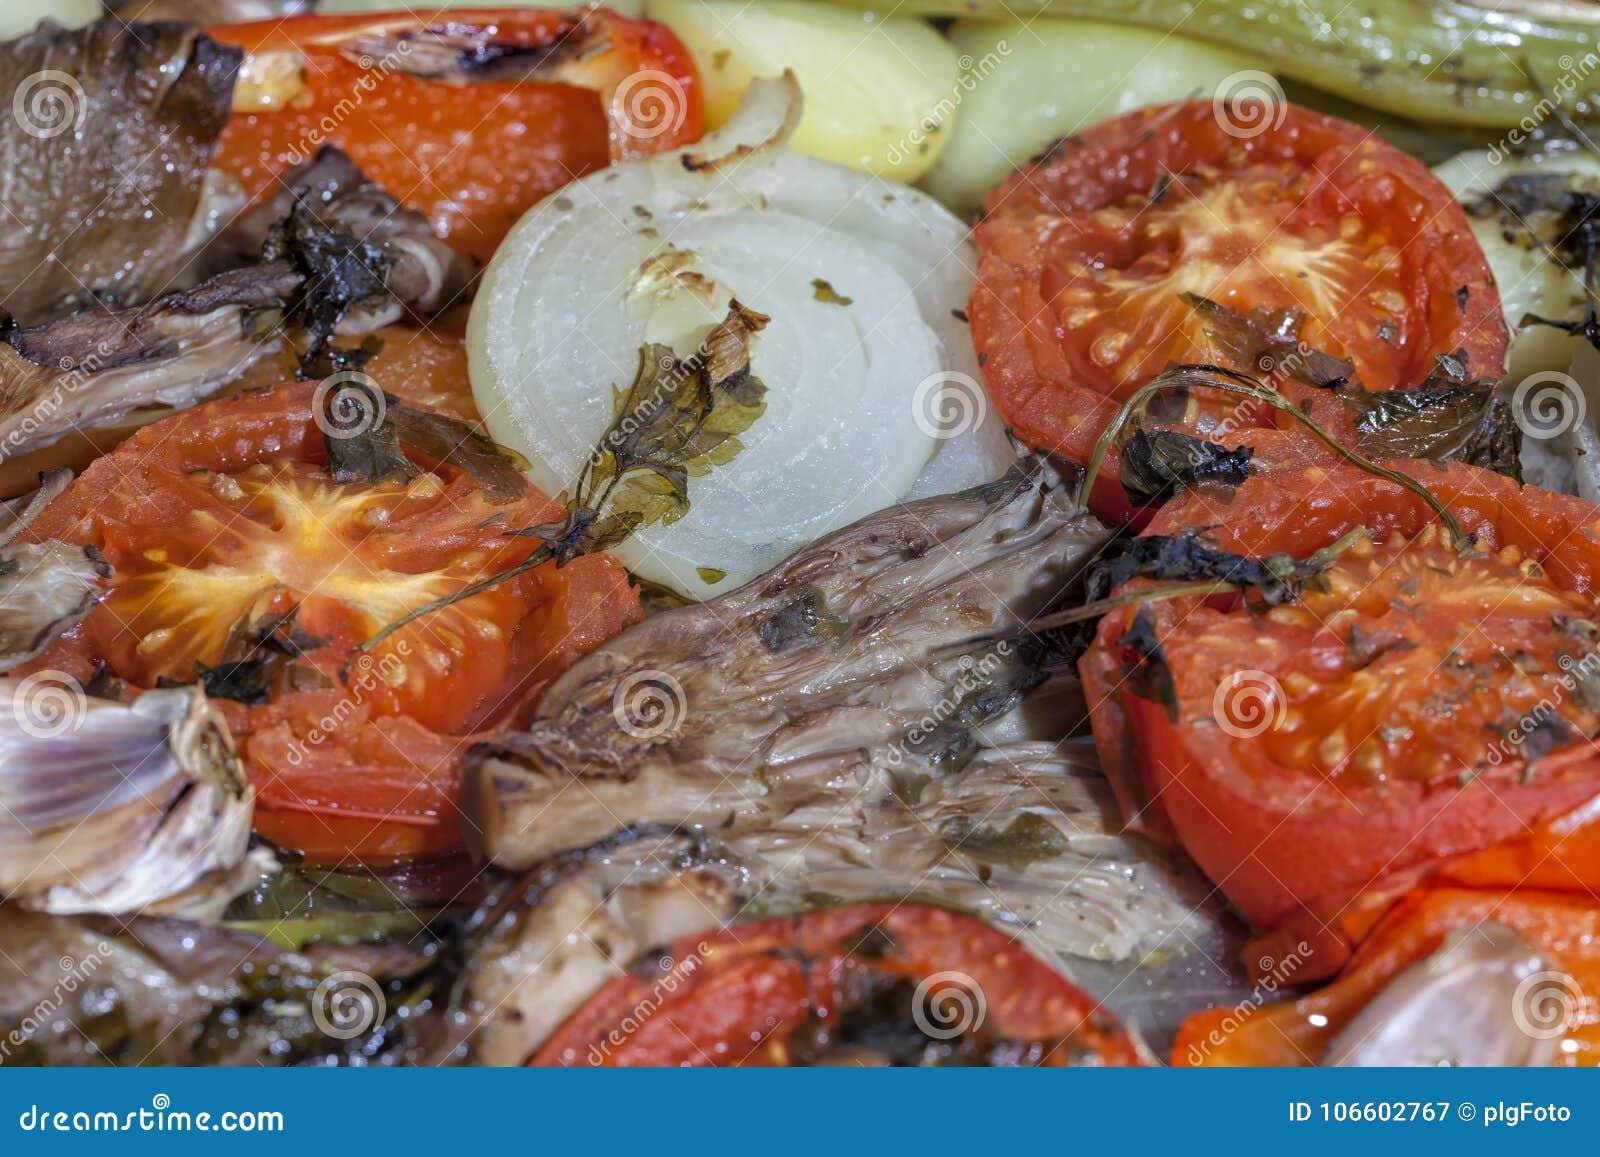 Les légumes de accompagnement ont été déjà faits cuire